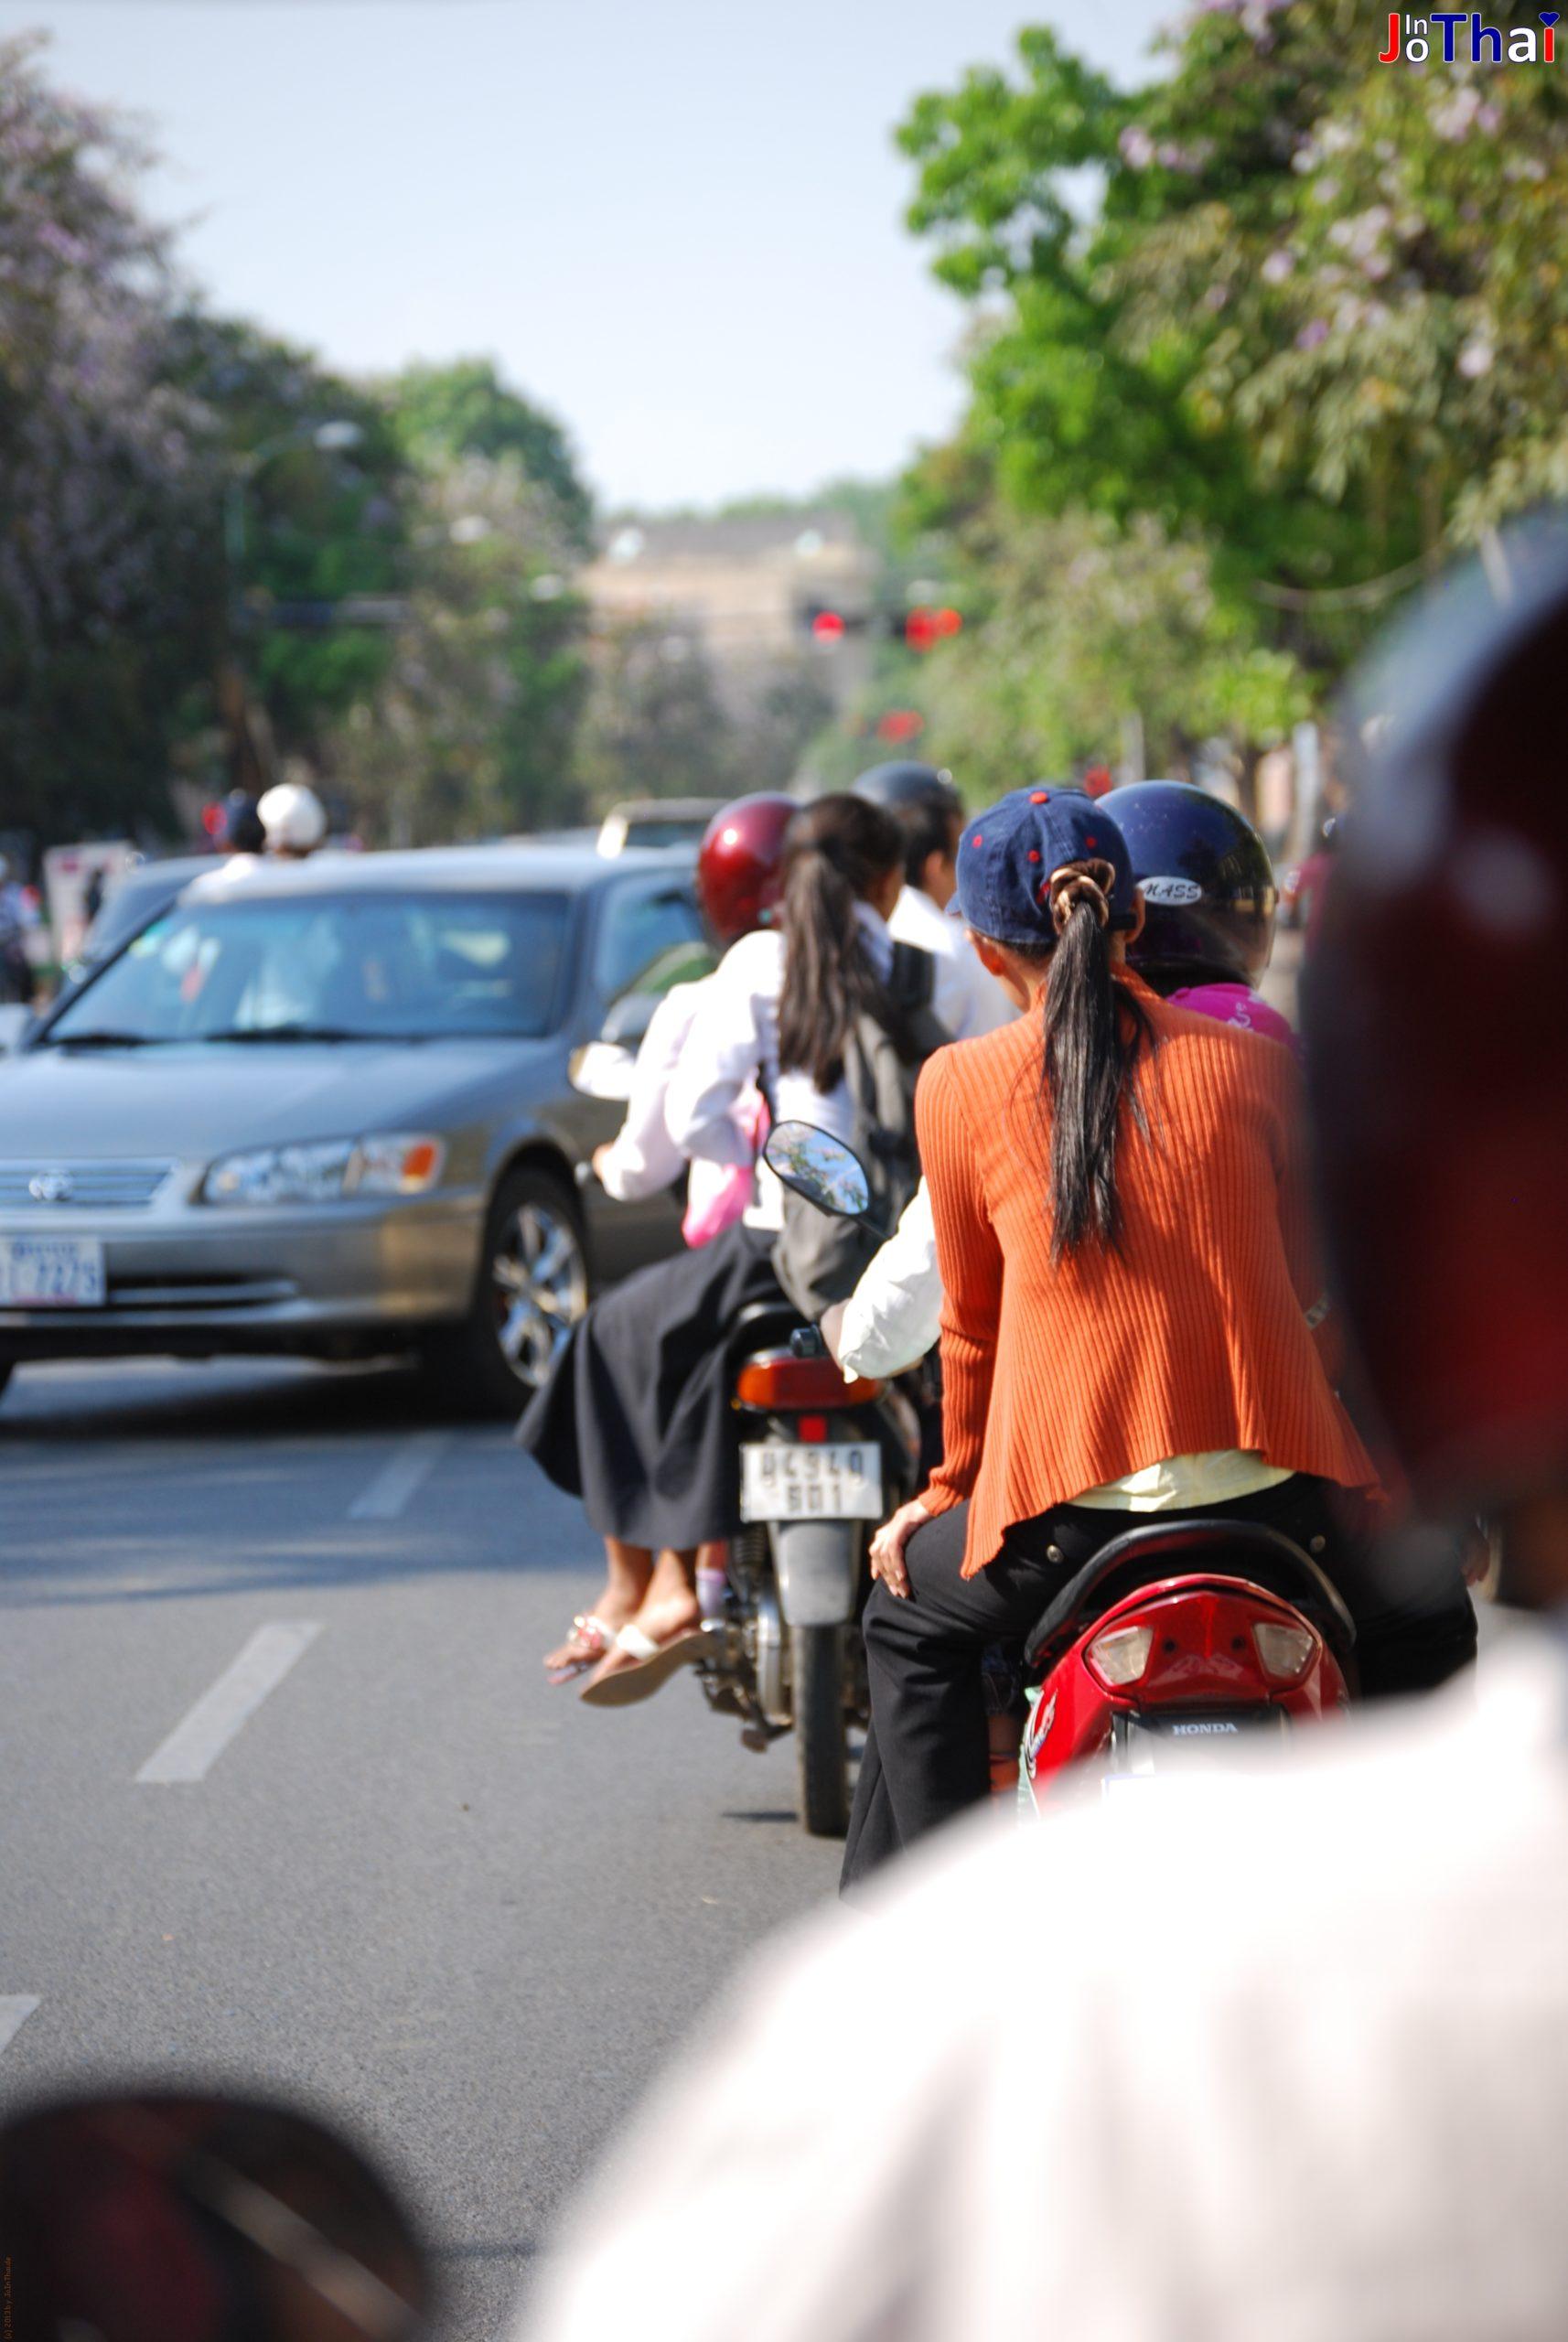 Straße in Phnom Penh - Kambodscha